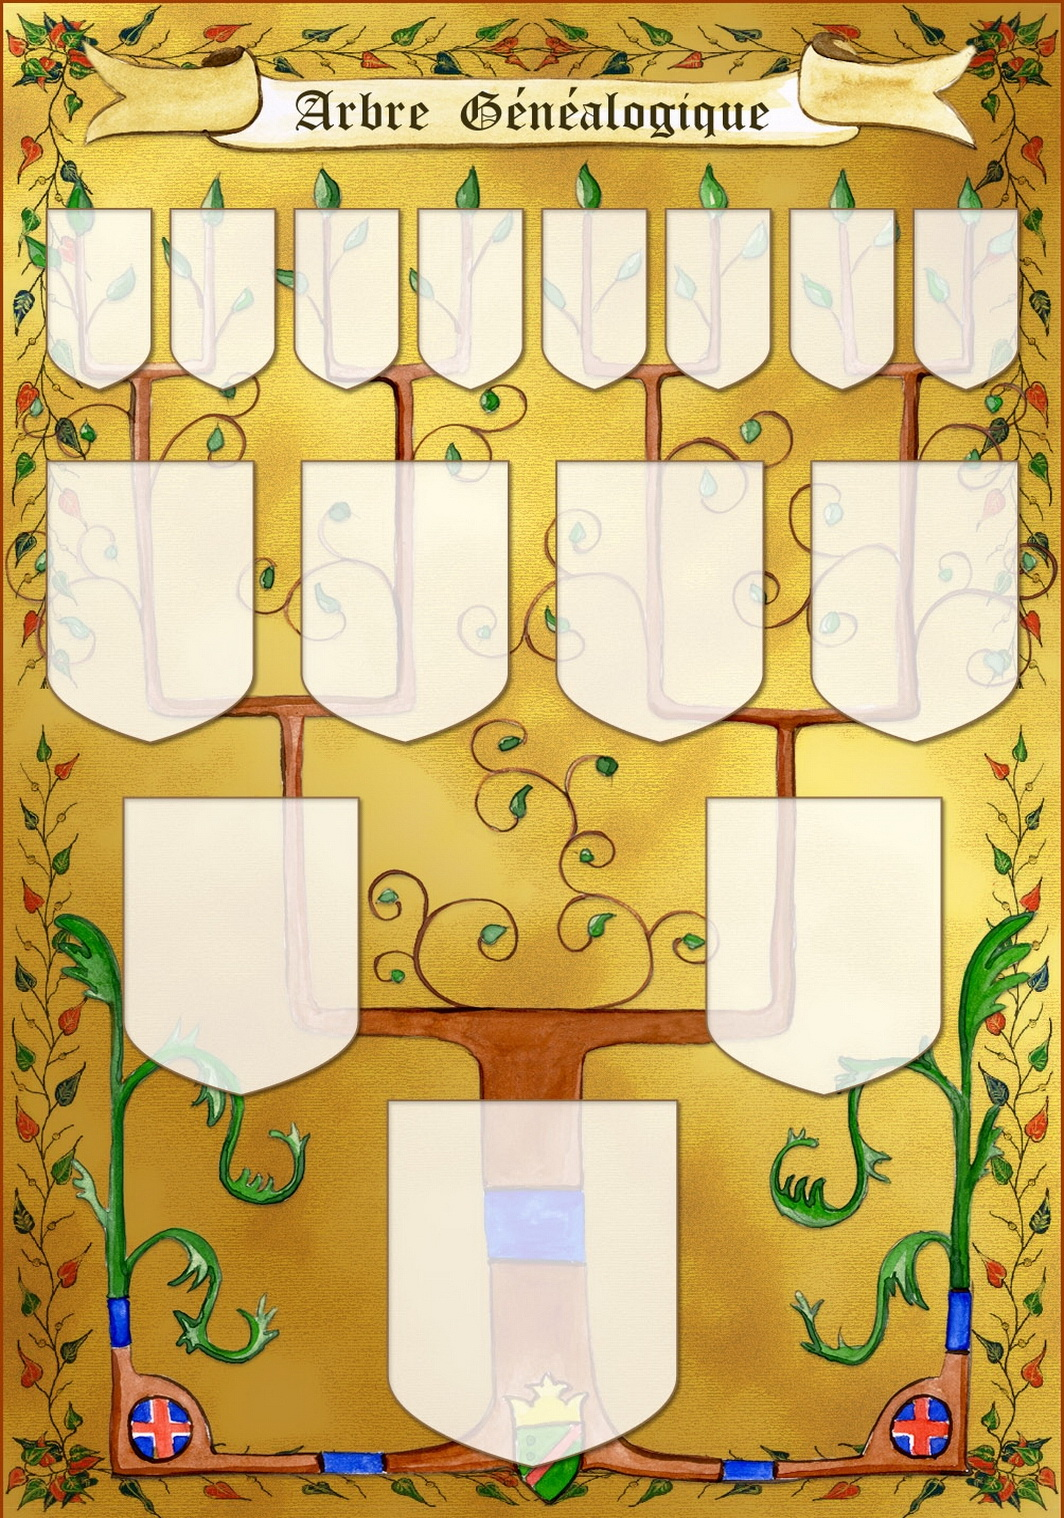 Arbre illustré 4 générations Enluminure